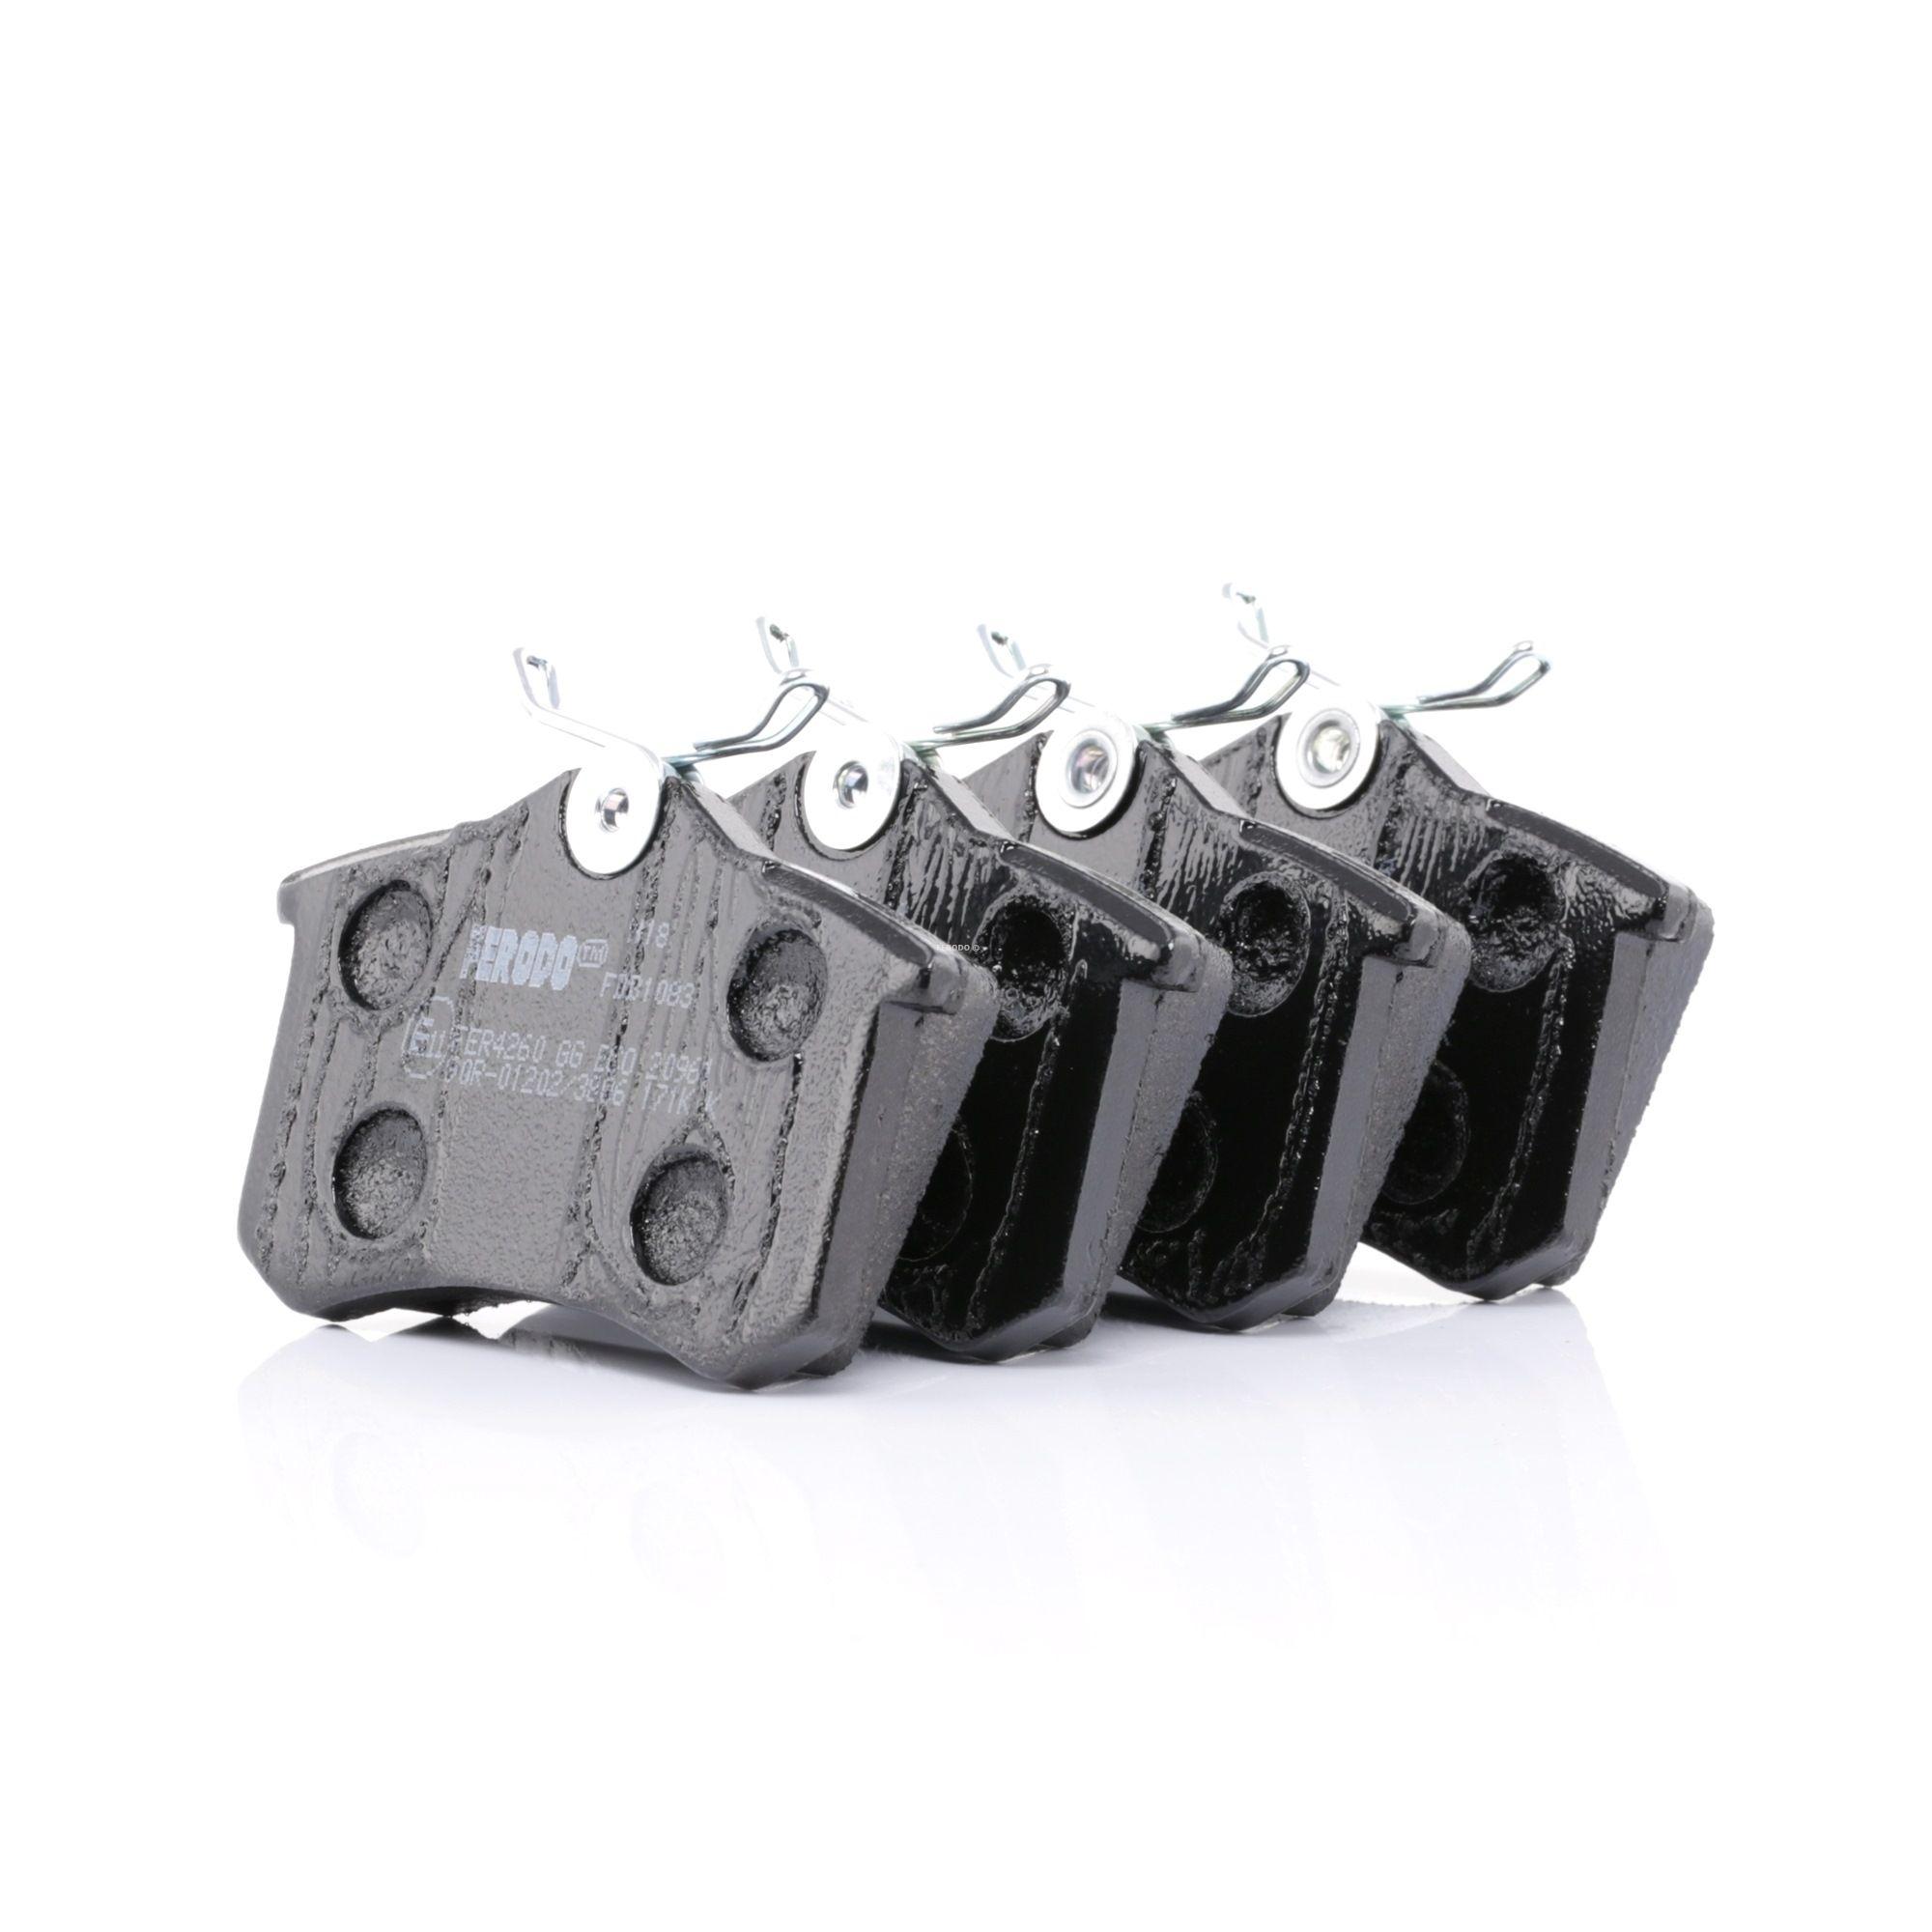 20961 FERODO PREMIER ECO FRICTION nicht für Verschleißwarnanzeiger vorbereitet, mit Bremssattelschrauben Höhe 1: 53mm, Dicke/Stärke: 17mm Bremsbelagsatz, Scheibenbremse FDB1083 günstig kaufen